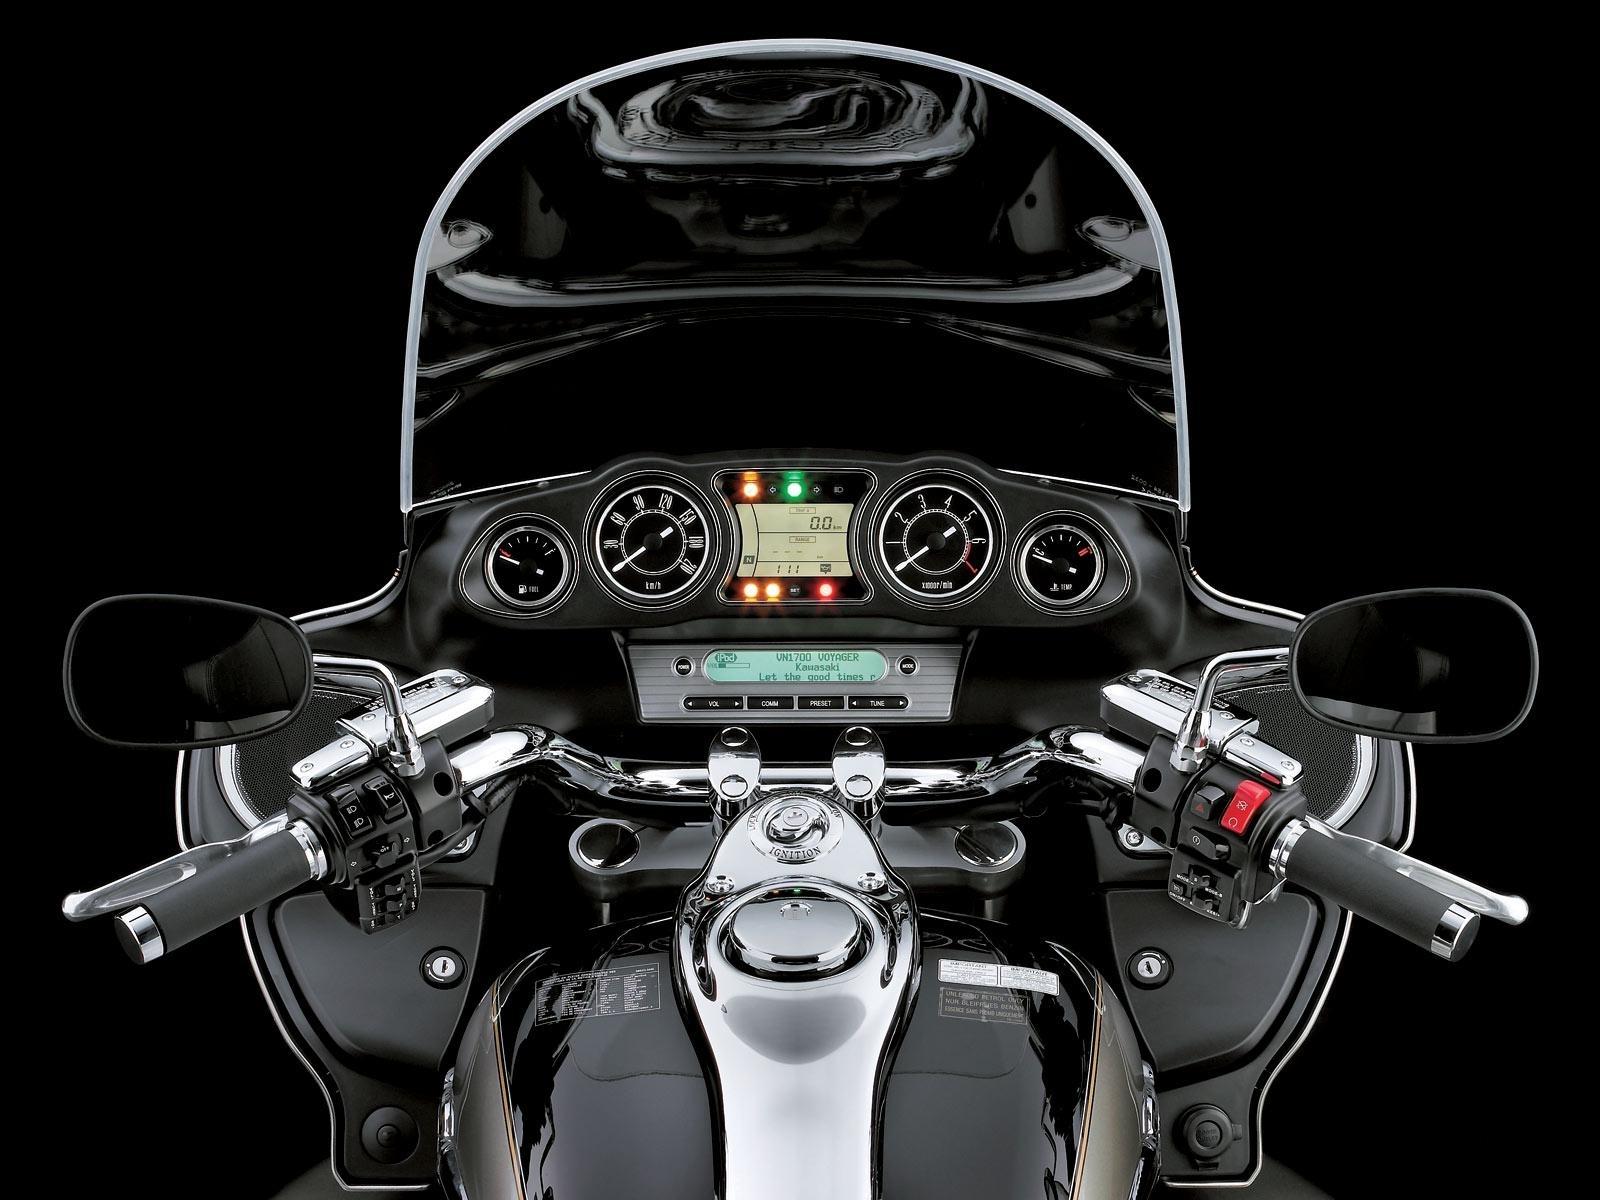 3798 Hintergrundbild herunterladen Transport, Motorräder - Bildschirmschoner und Bilder kostenlos